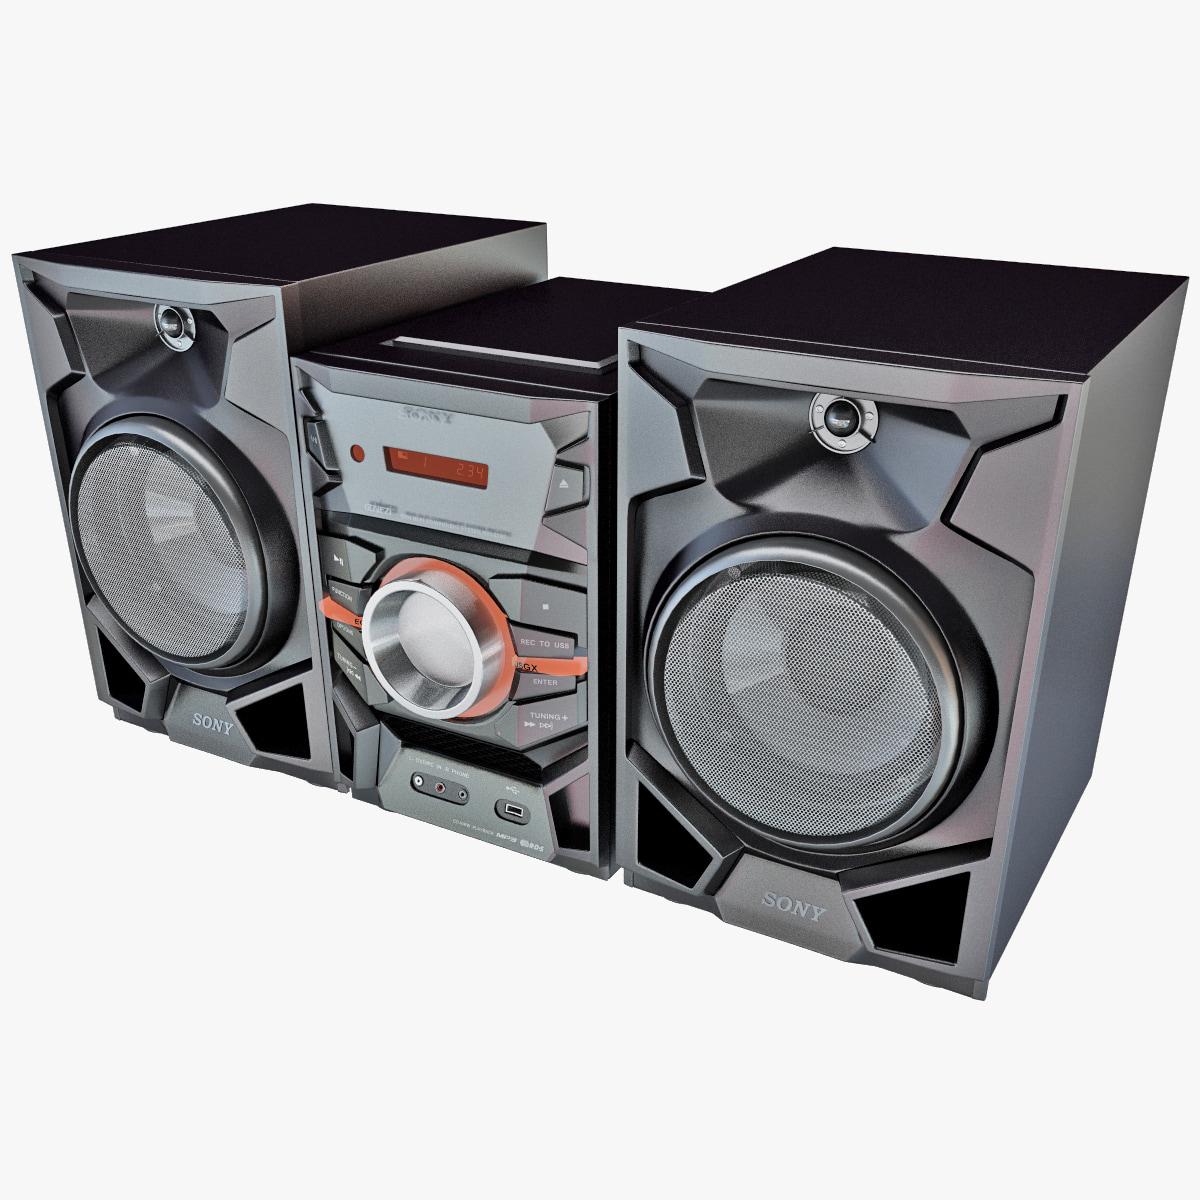 Stereo_Double_Cassette_Tape_Sony_MHC_EX900_2_000.jpg